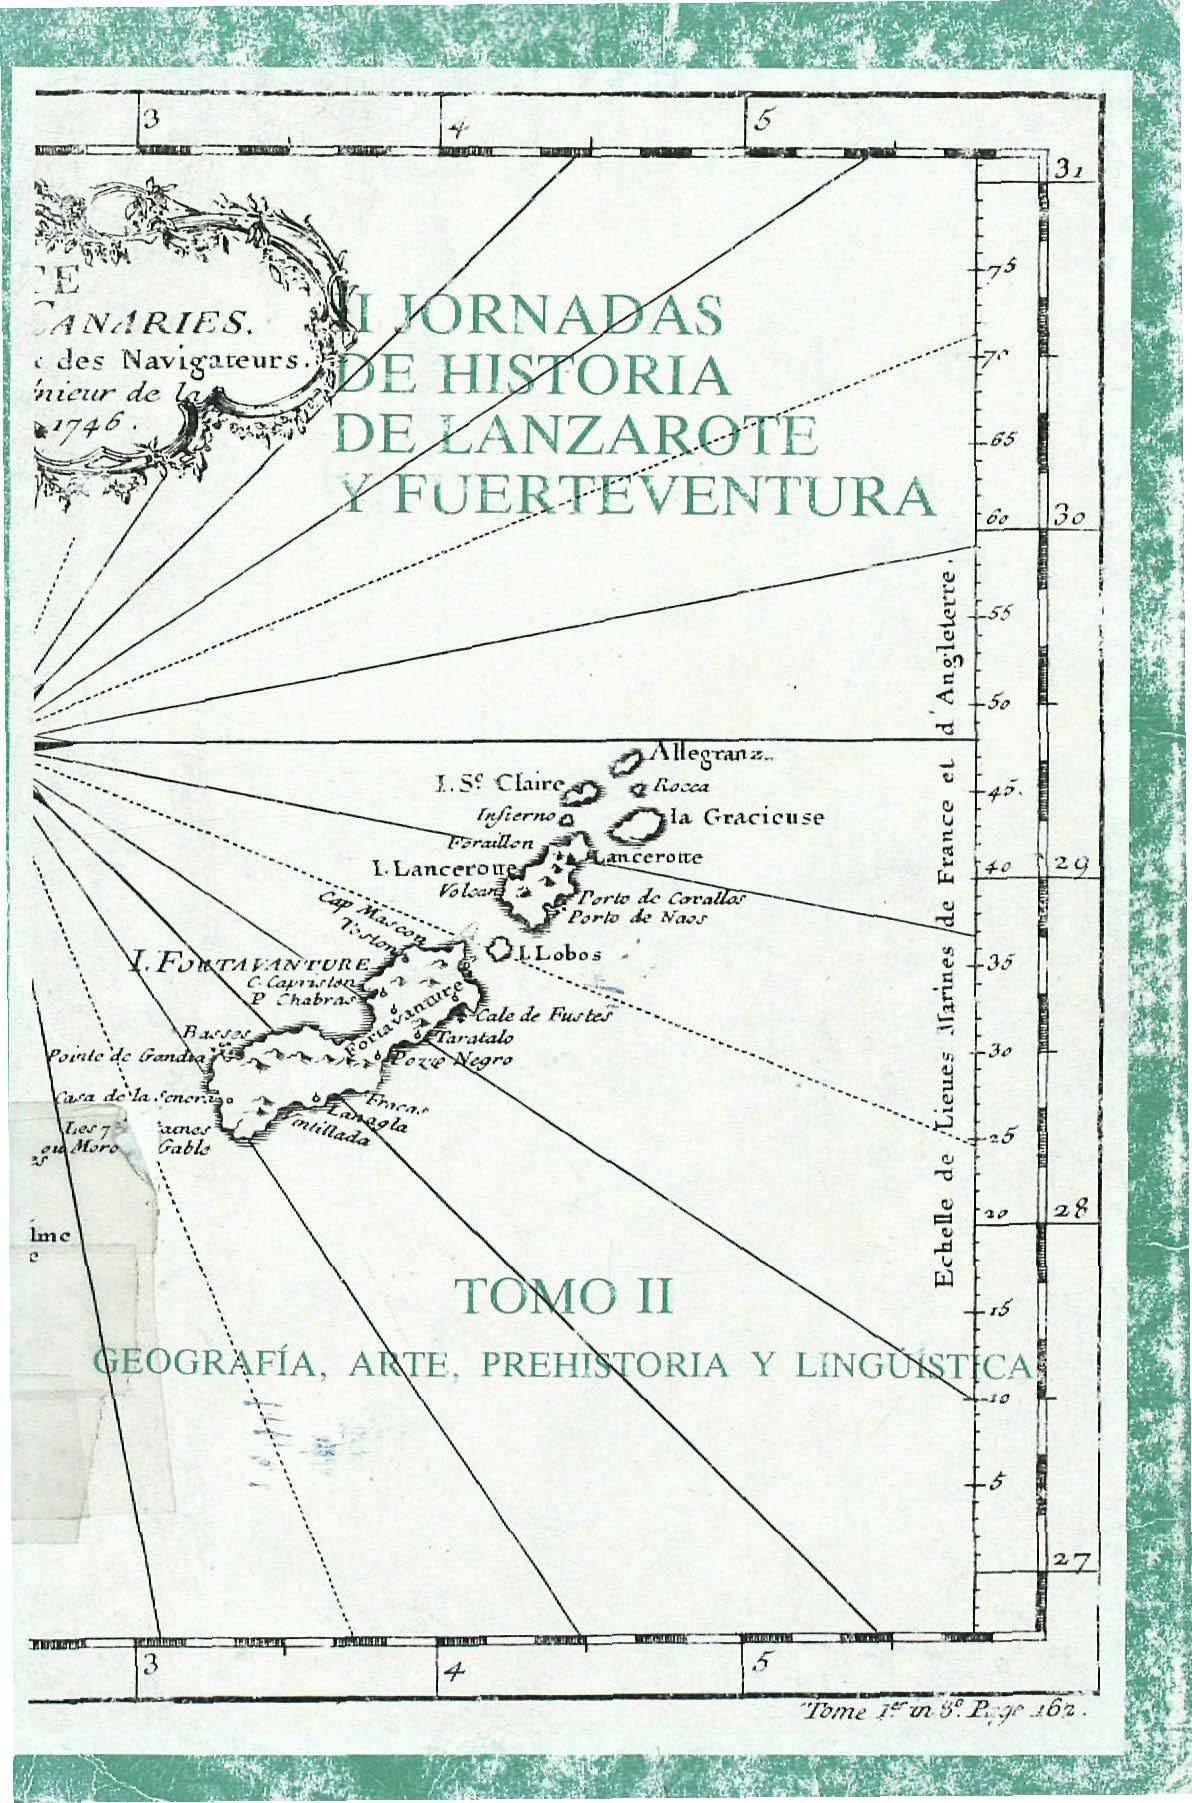 La casa condal de Lanzarote. 1600-1625 (una aproximación al estudio histórico de la isla)